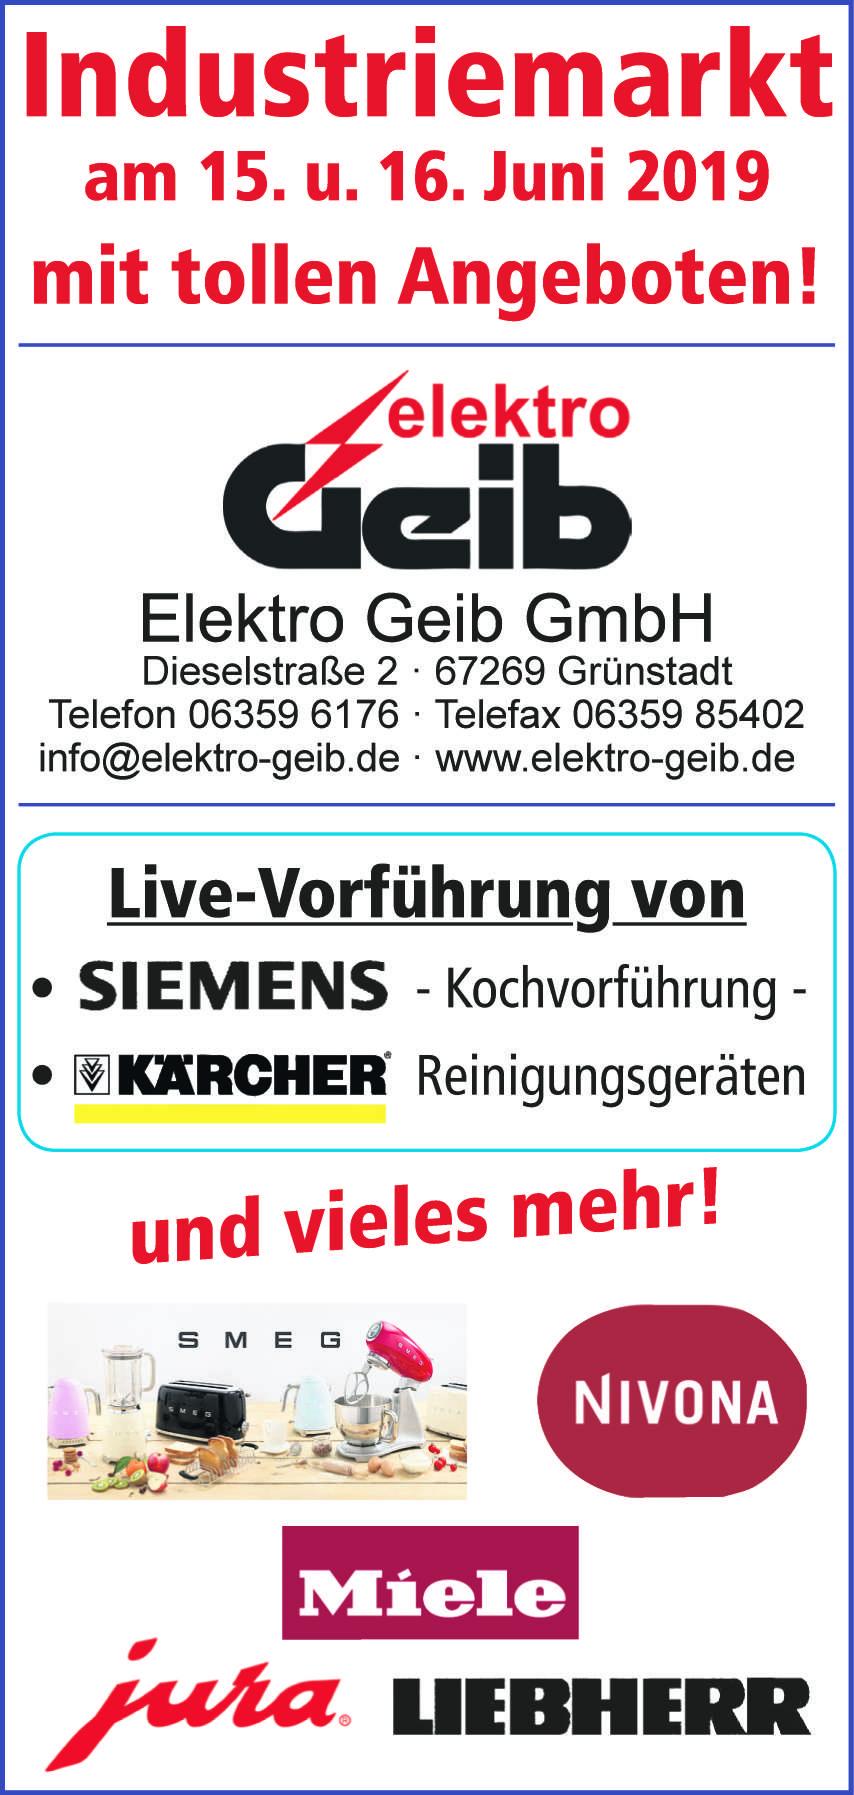 Elektro Geib GmbH